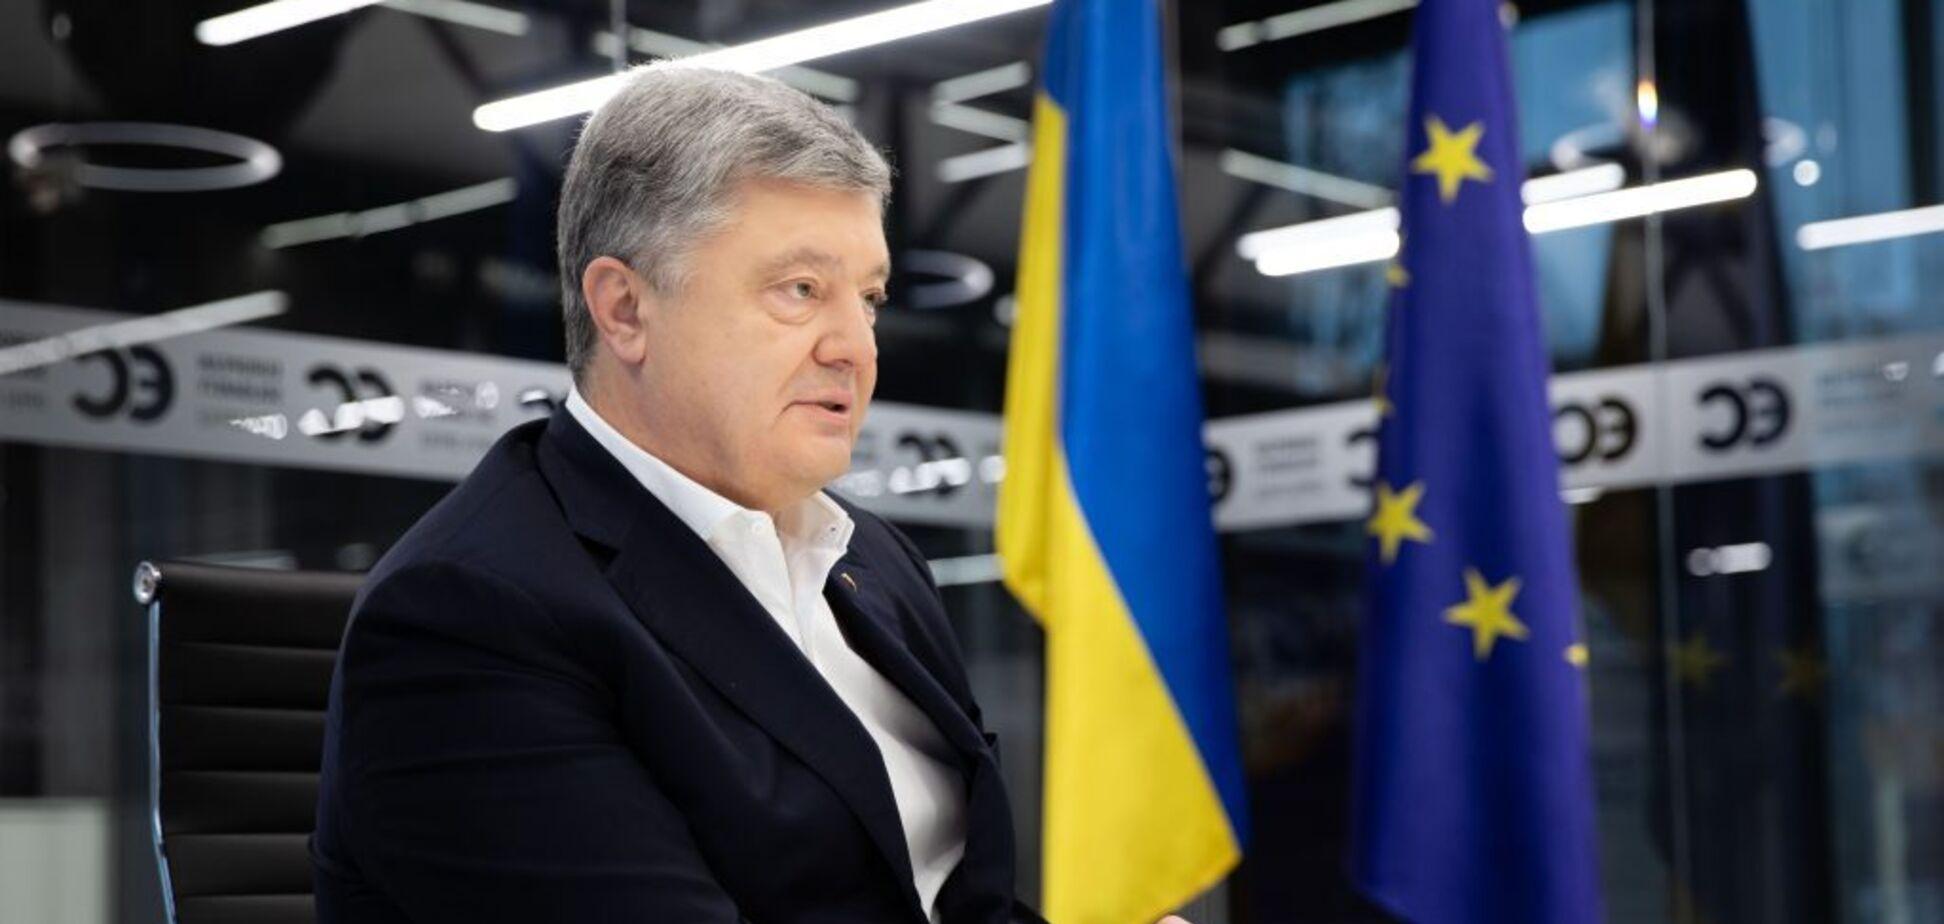 'Європейська солідарність' вимагає залучення міжнародних експертів до відбору суддів КСУ – Порошенко